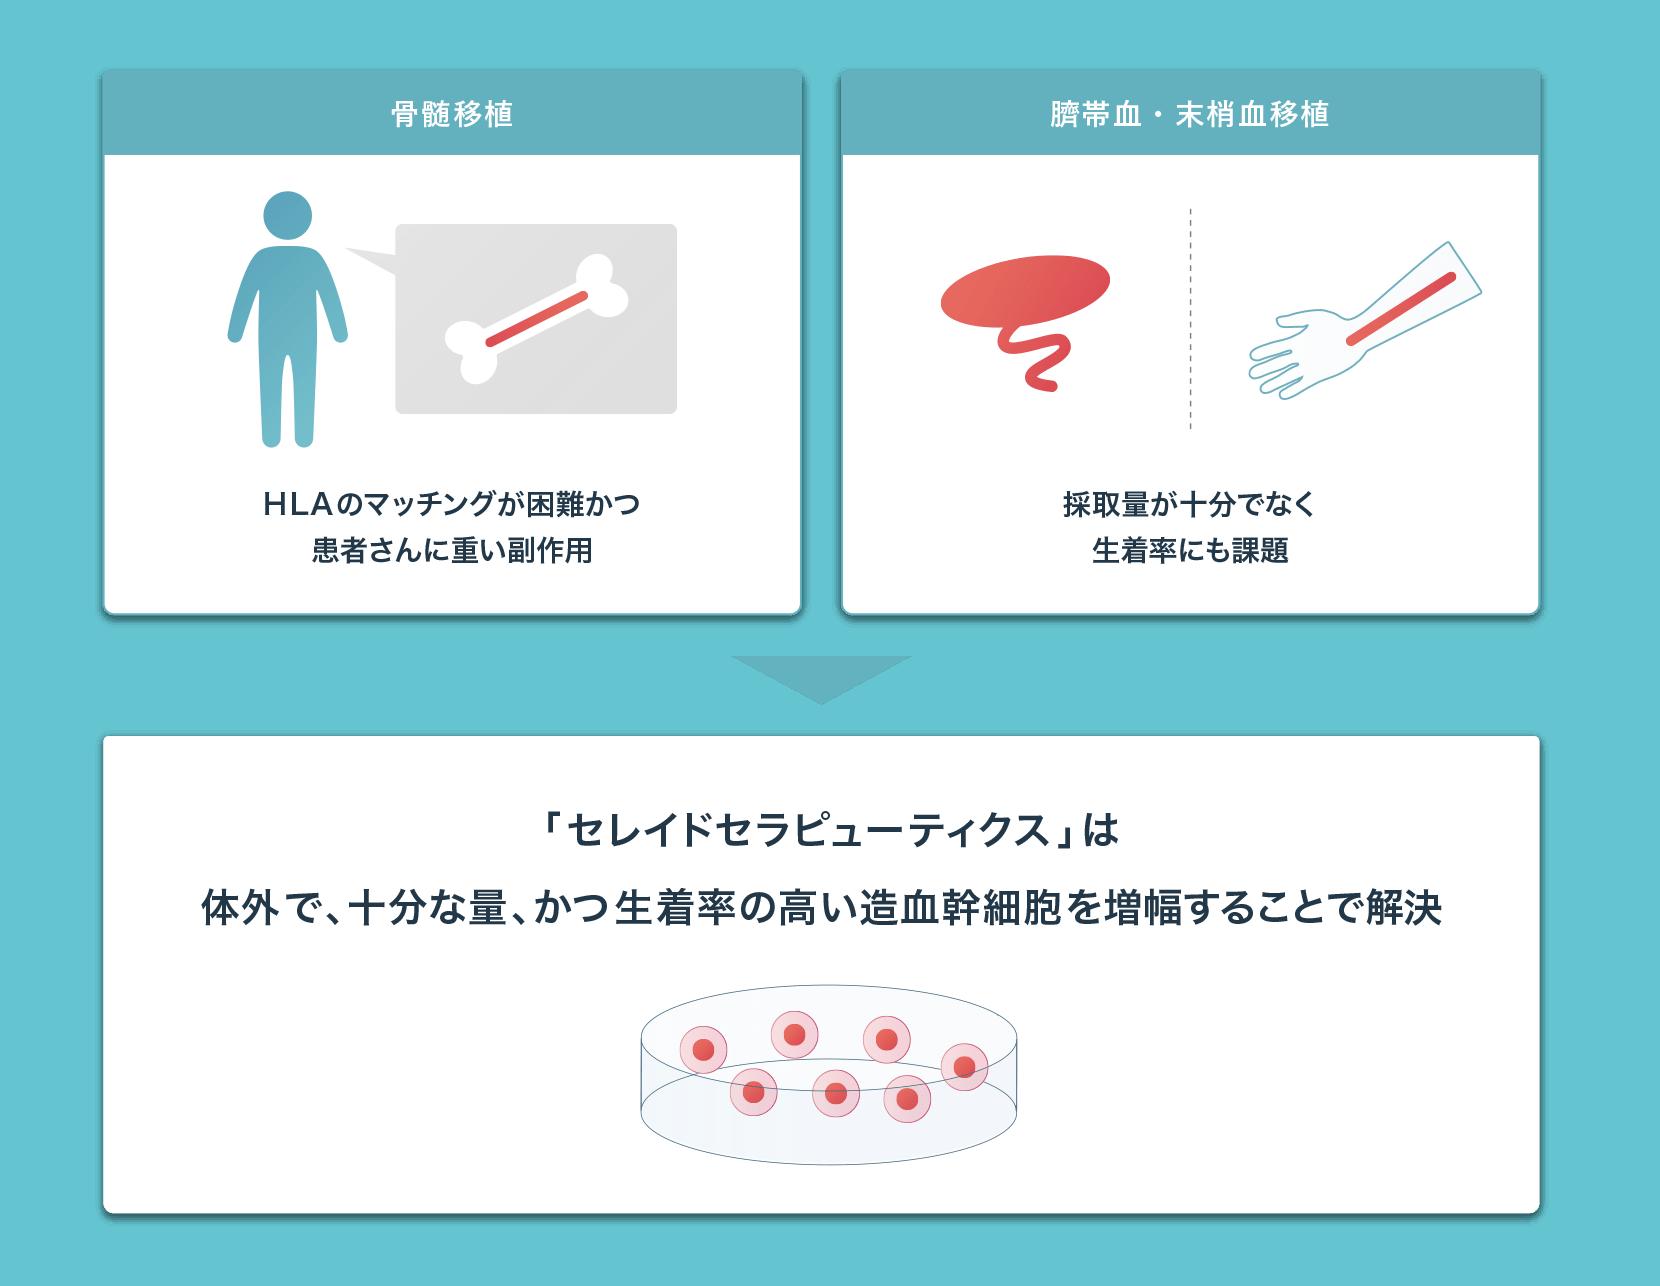 セレイドセラピューティクスは体外で十分な量かつ生着率の高い造血幹細胞を増幅することで解決